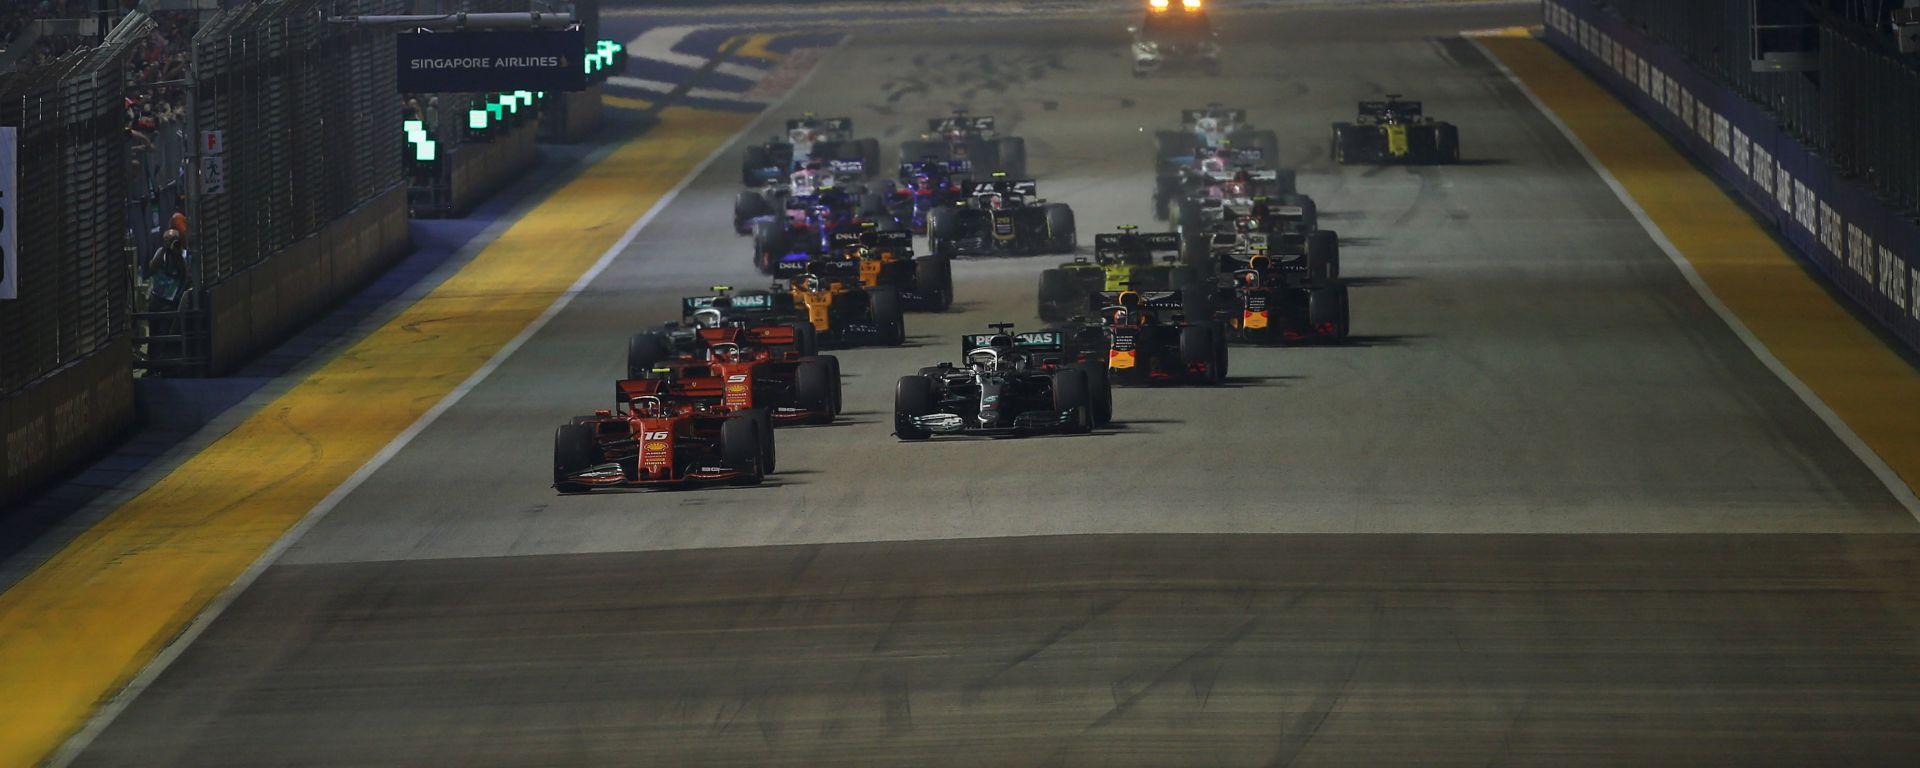 F1 GP Singapore 2019, la partenza